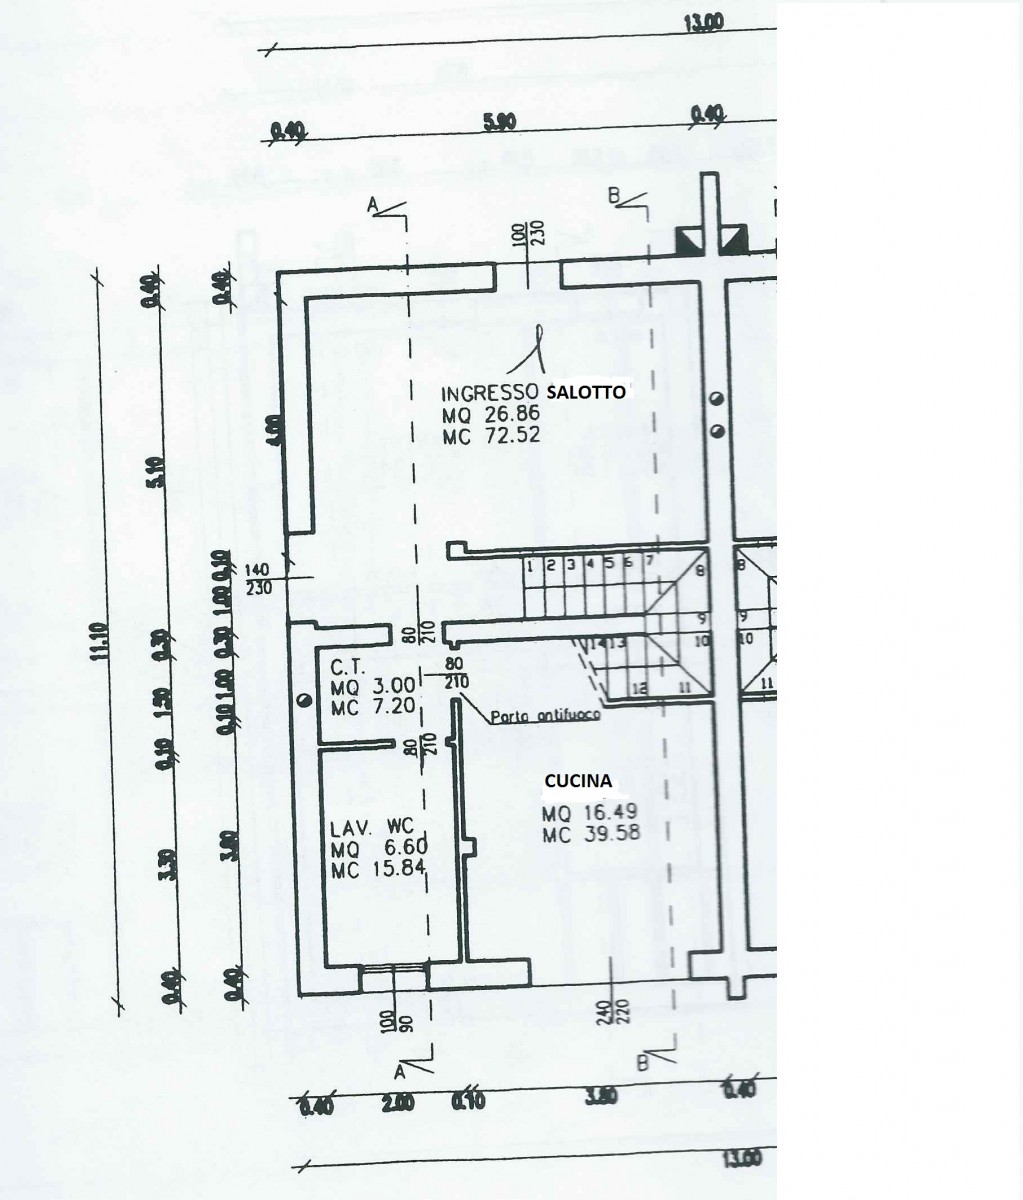 Preventivo impianto elettrico tutto su ispirazione - Impianto elettrico casa prezzi ...